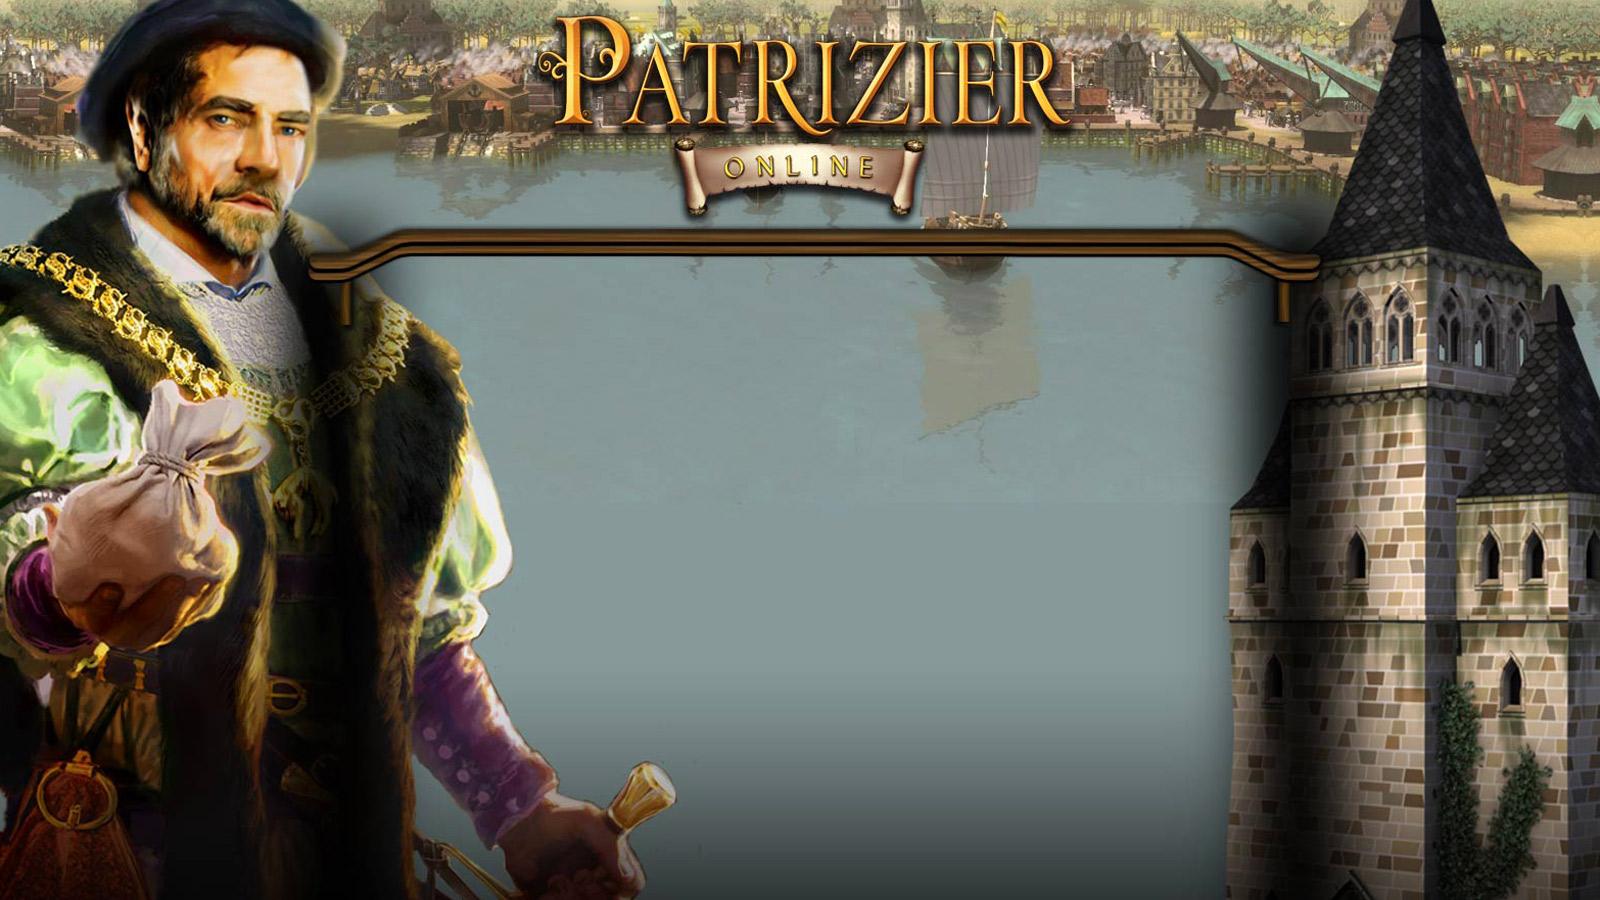 Patrizier Online, Handelsspiel und Simulation